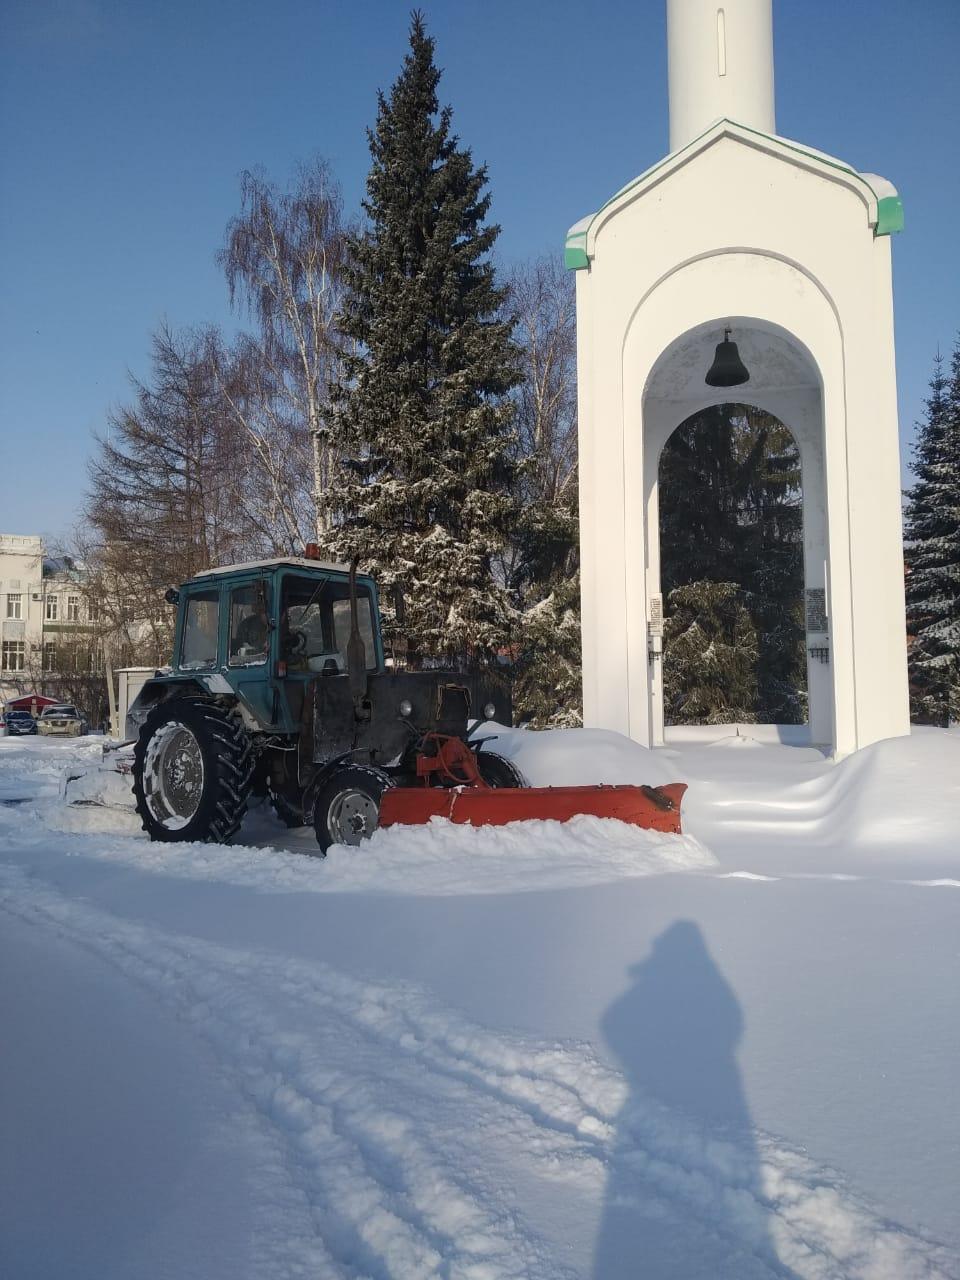 Снегопад в Омске прошел без коммунальных аварий – мэрия #Новости #Общество #Омск